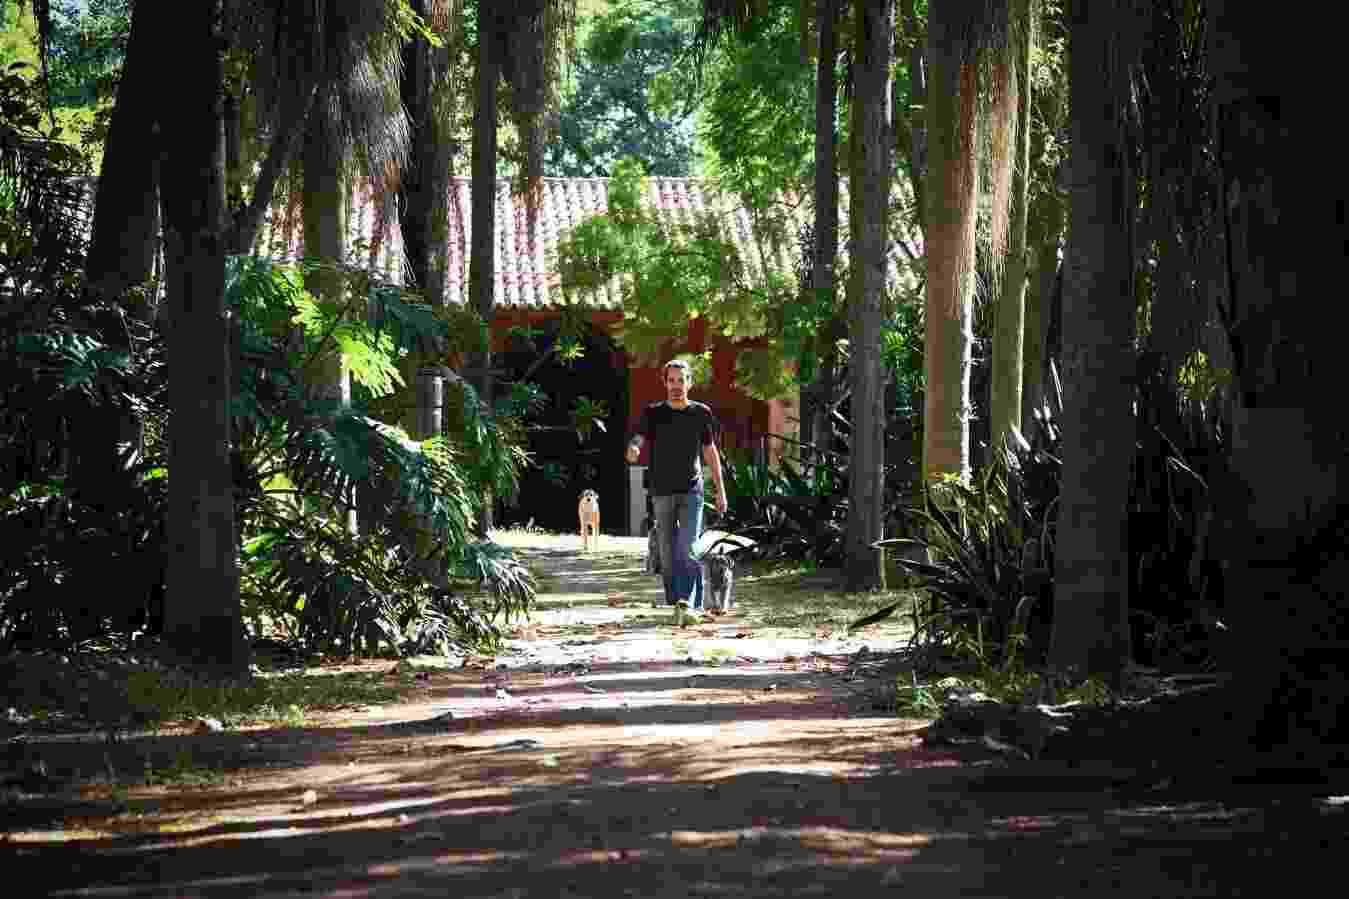 3.fev.2014 - Jurandy Valença, escritor, artista plástico e diretor de projetos do Instituto Hilda Hilst, na Chácara Casa do Sol, onde morou a escritora, no Parque Xangrilá, em Campinas - Ricardo Lima/UOL